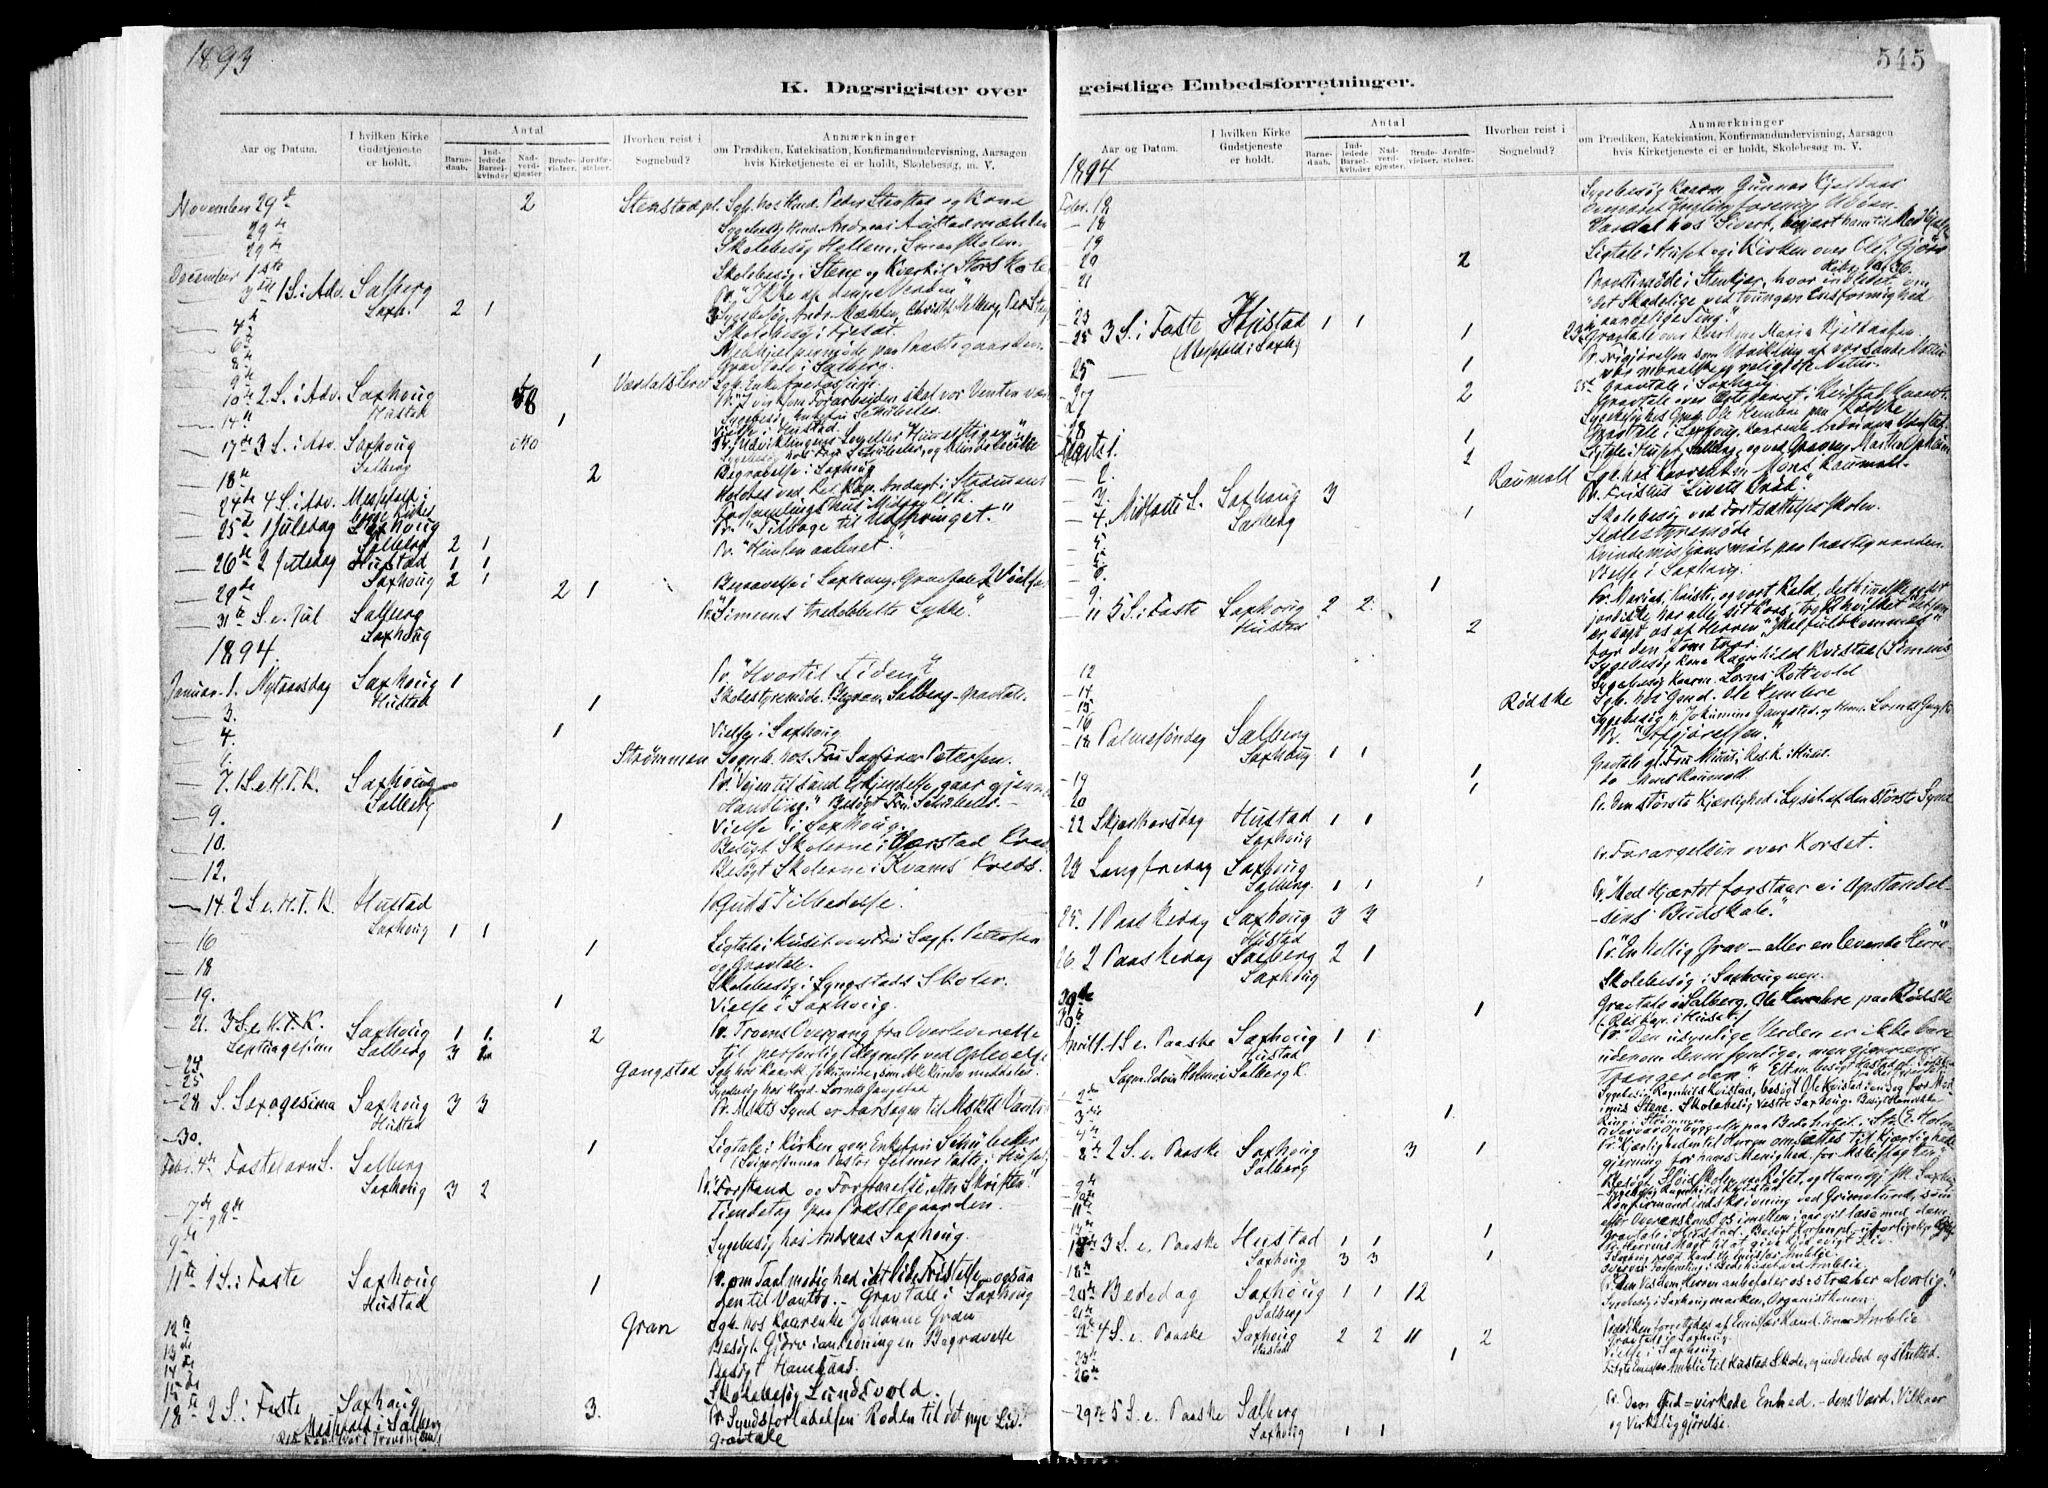 SAT, Ministerialprotokoller, klokkerbøker og fødselsregistre - Nord-Trøndelag, 730/L0285: Ministerialbok nr. 730A10, 1879-1914, s. 545